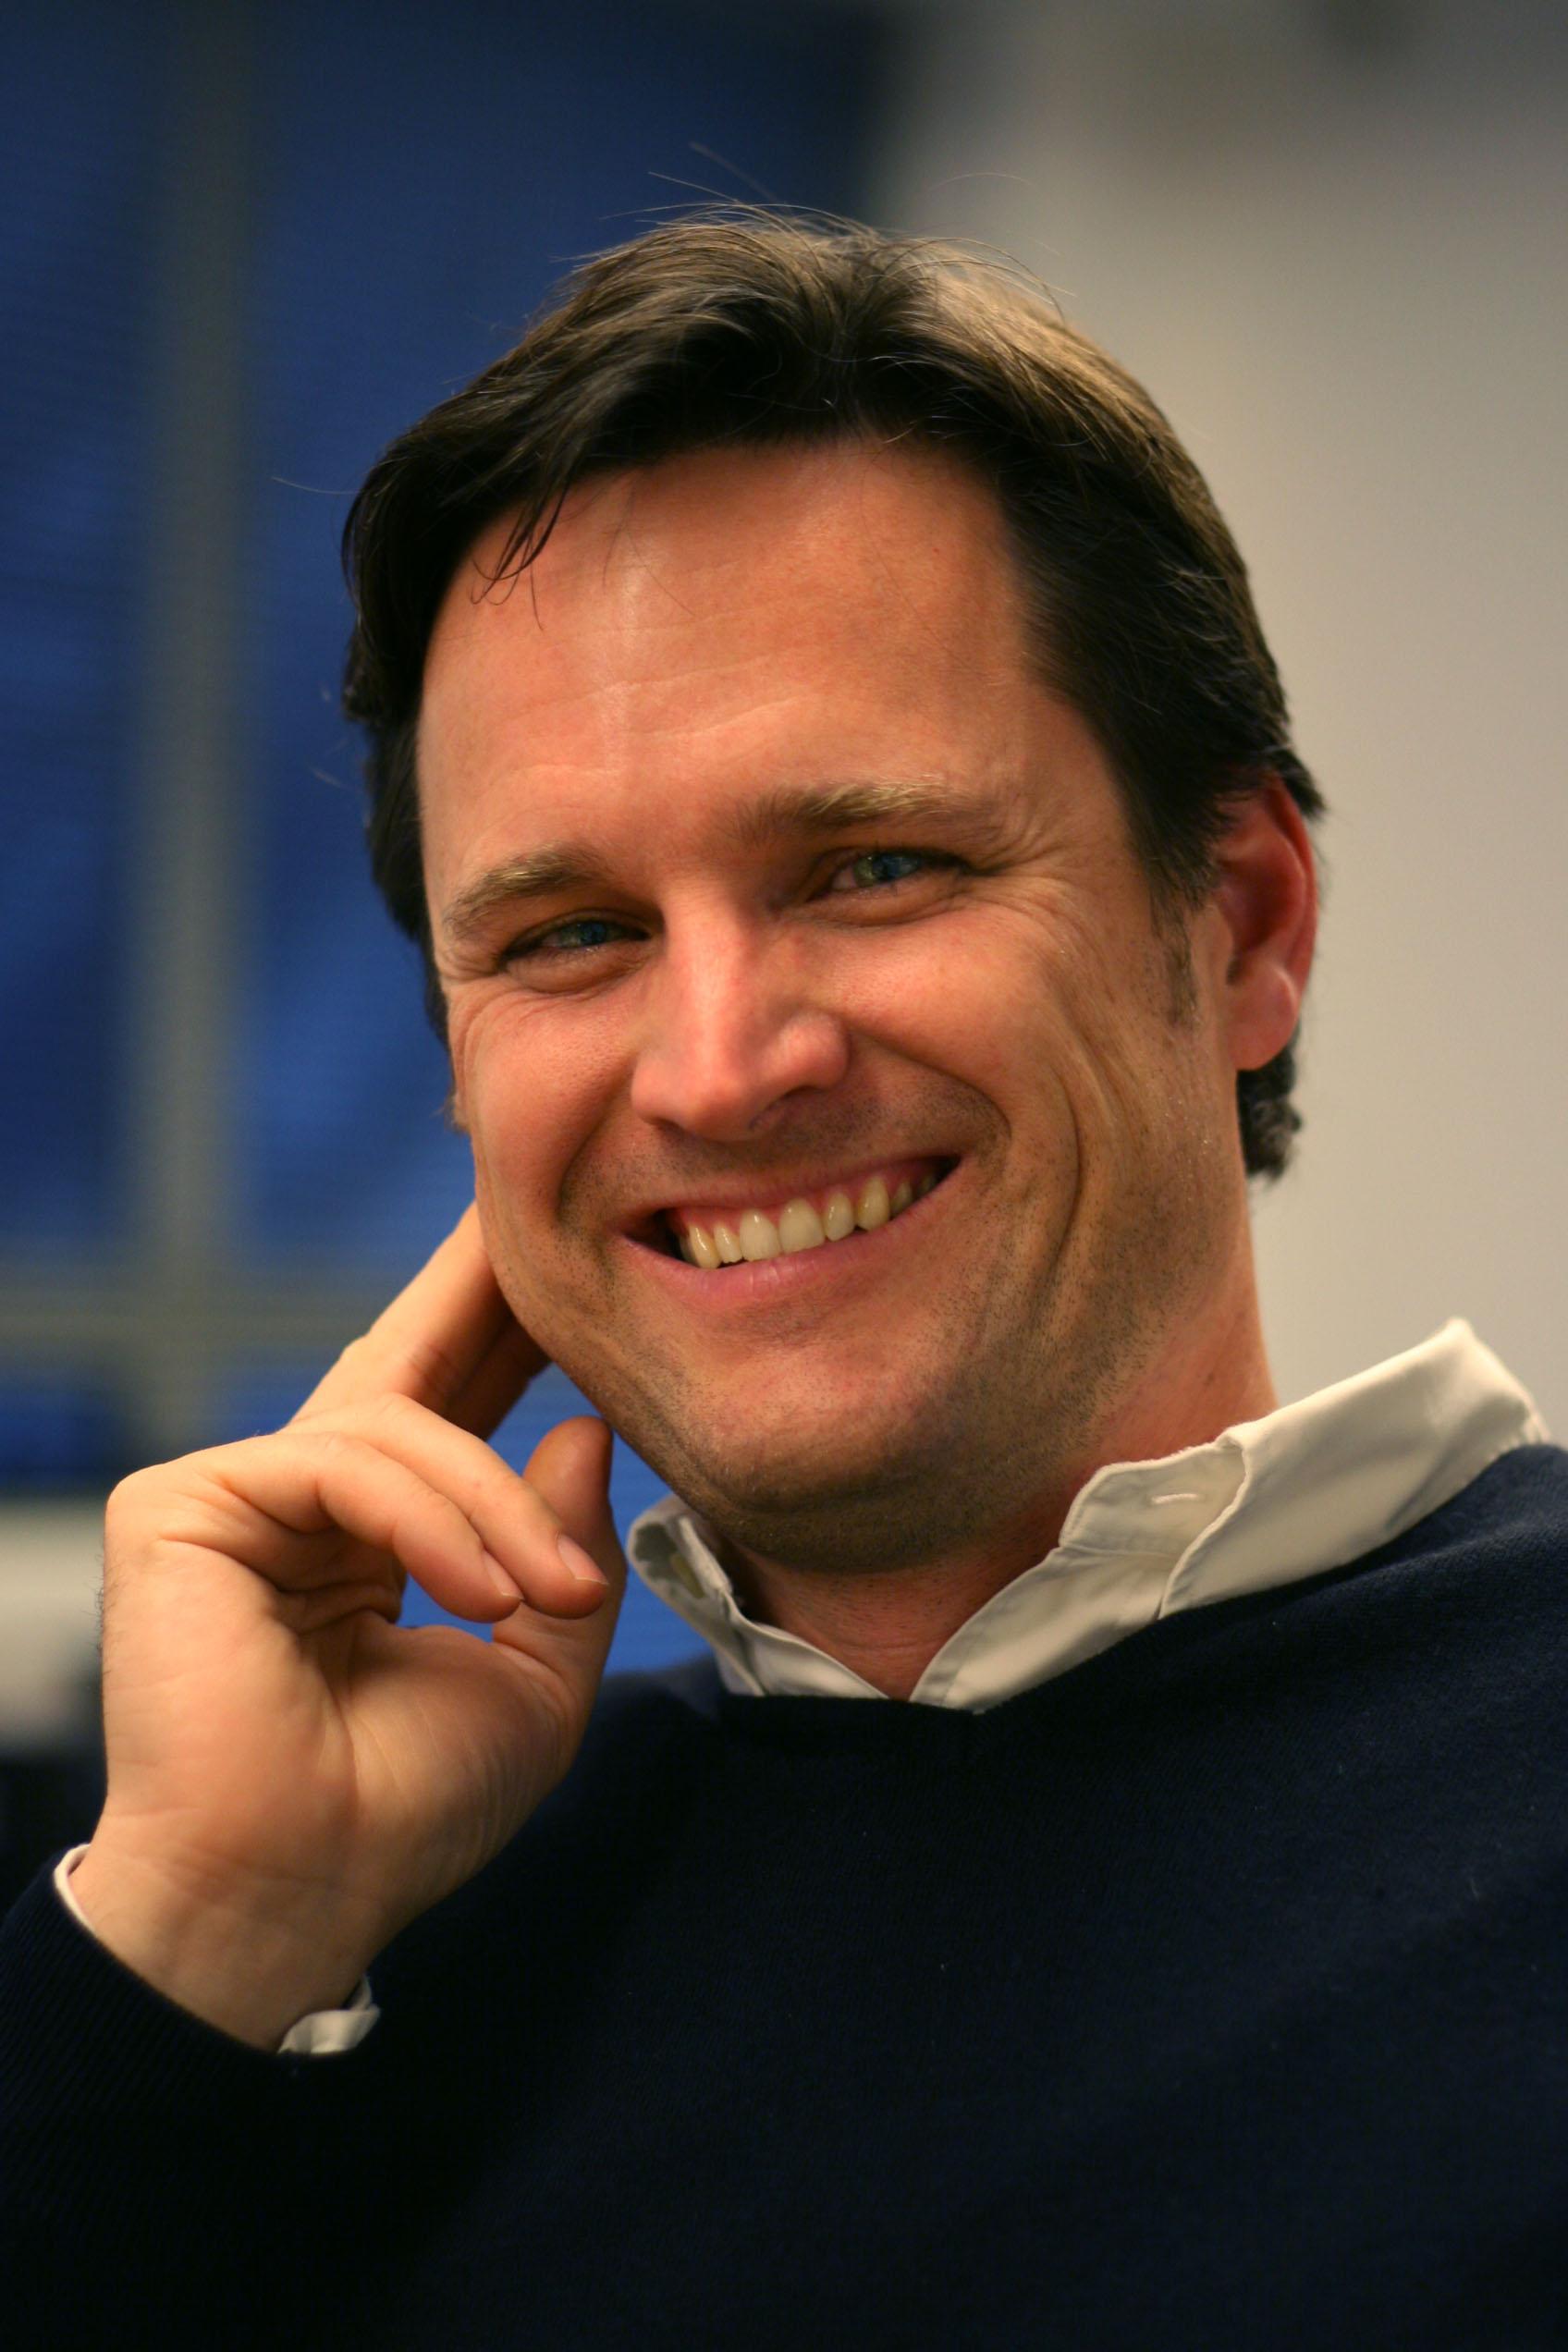 Man smiling.